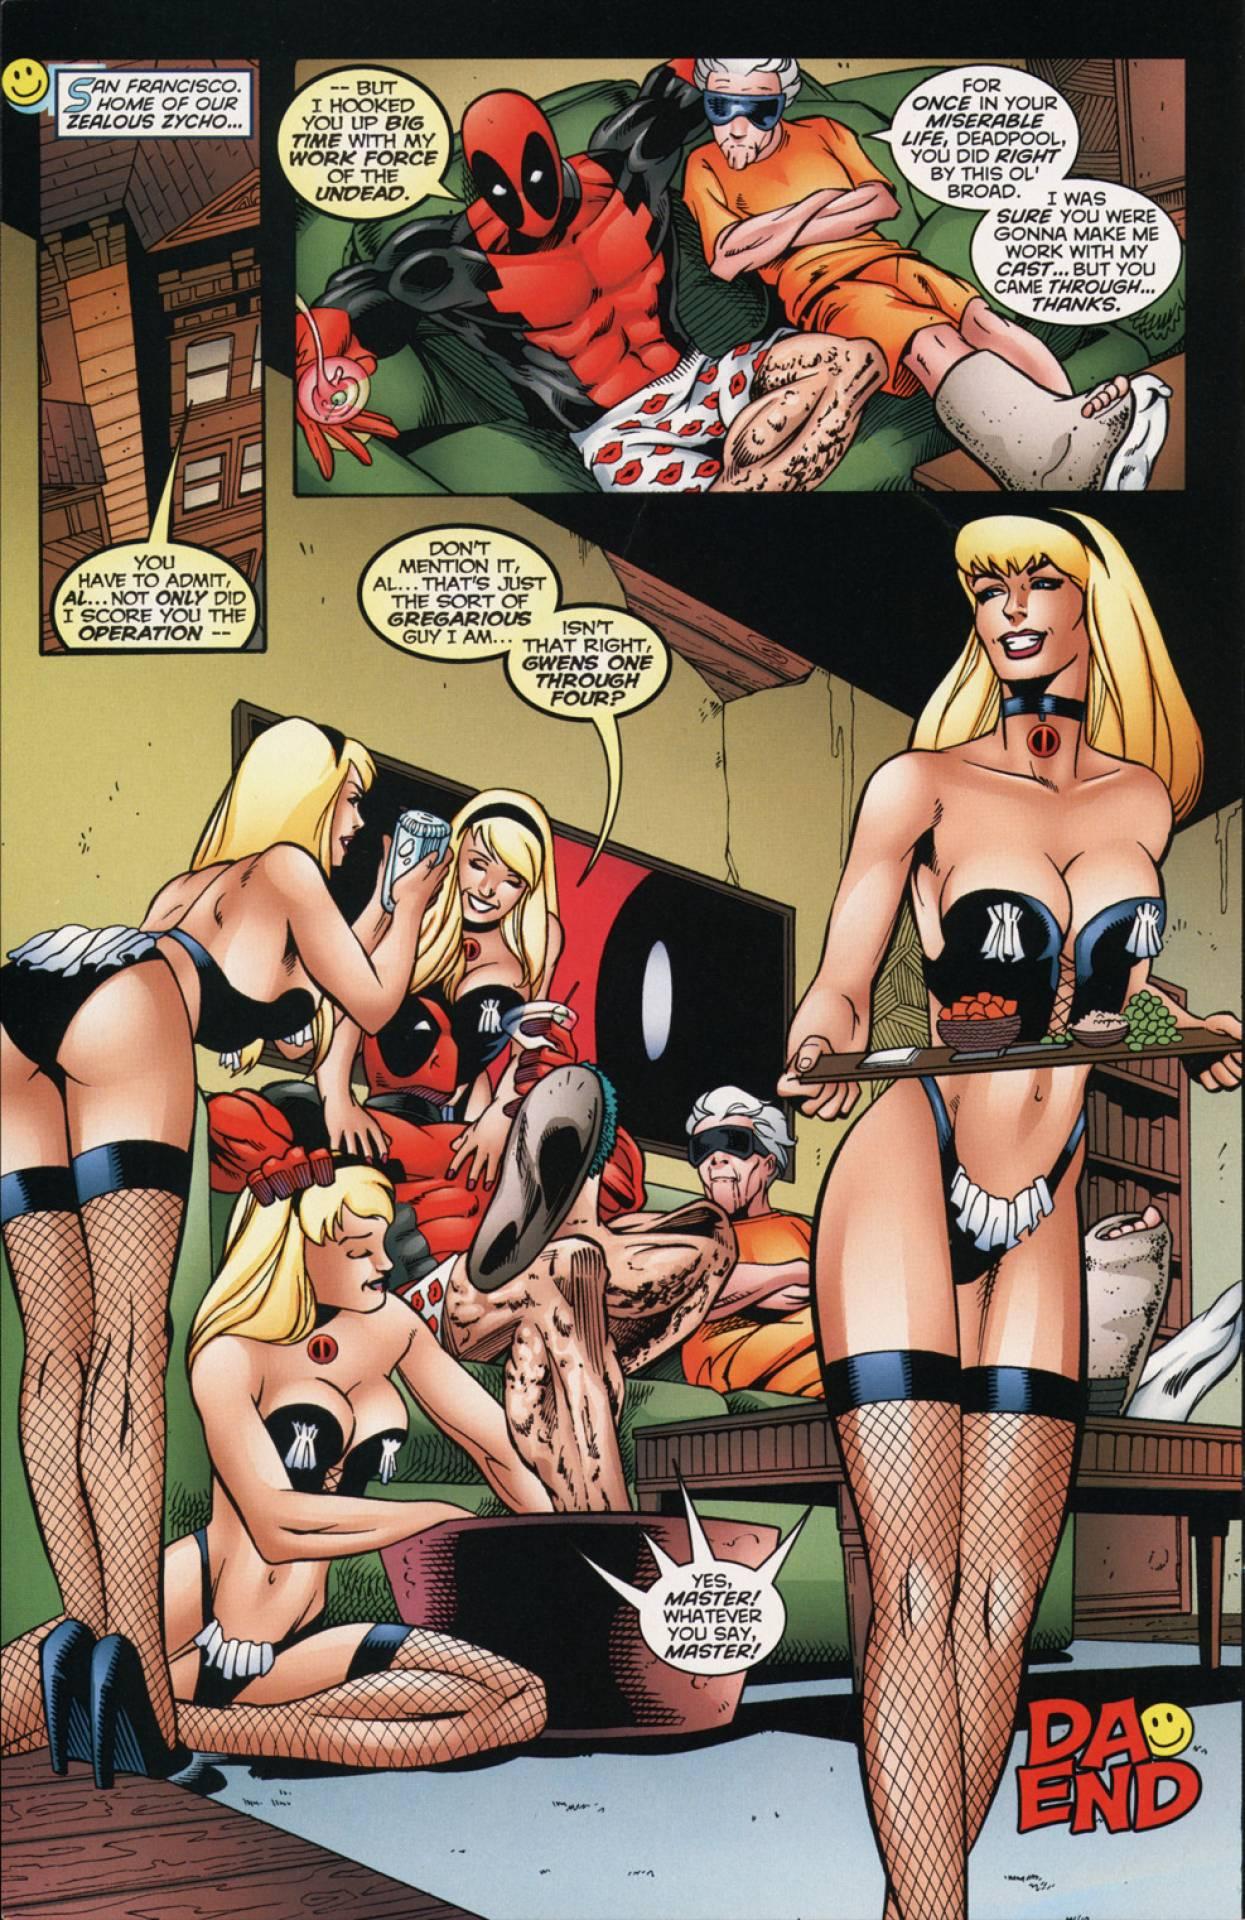 Marvel сиськи  смешные картинки и другие приколы комиксы